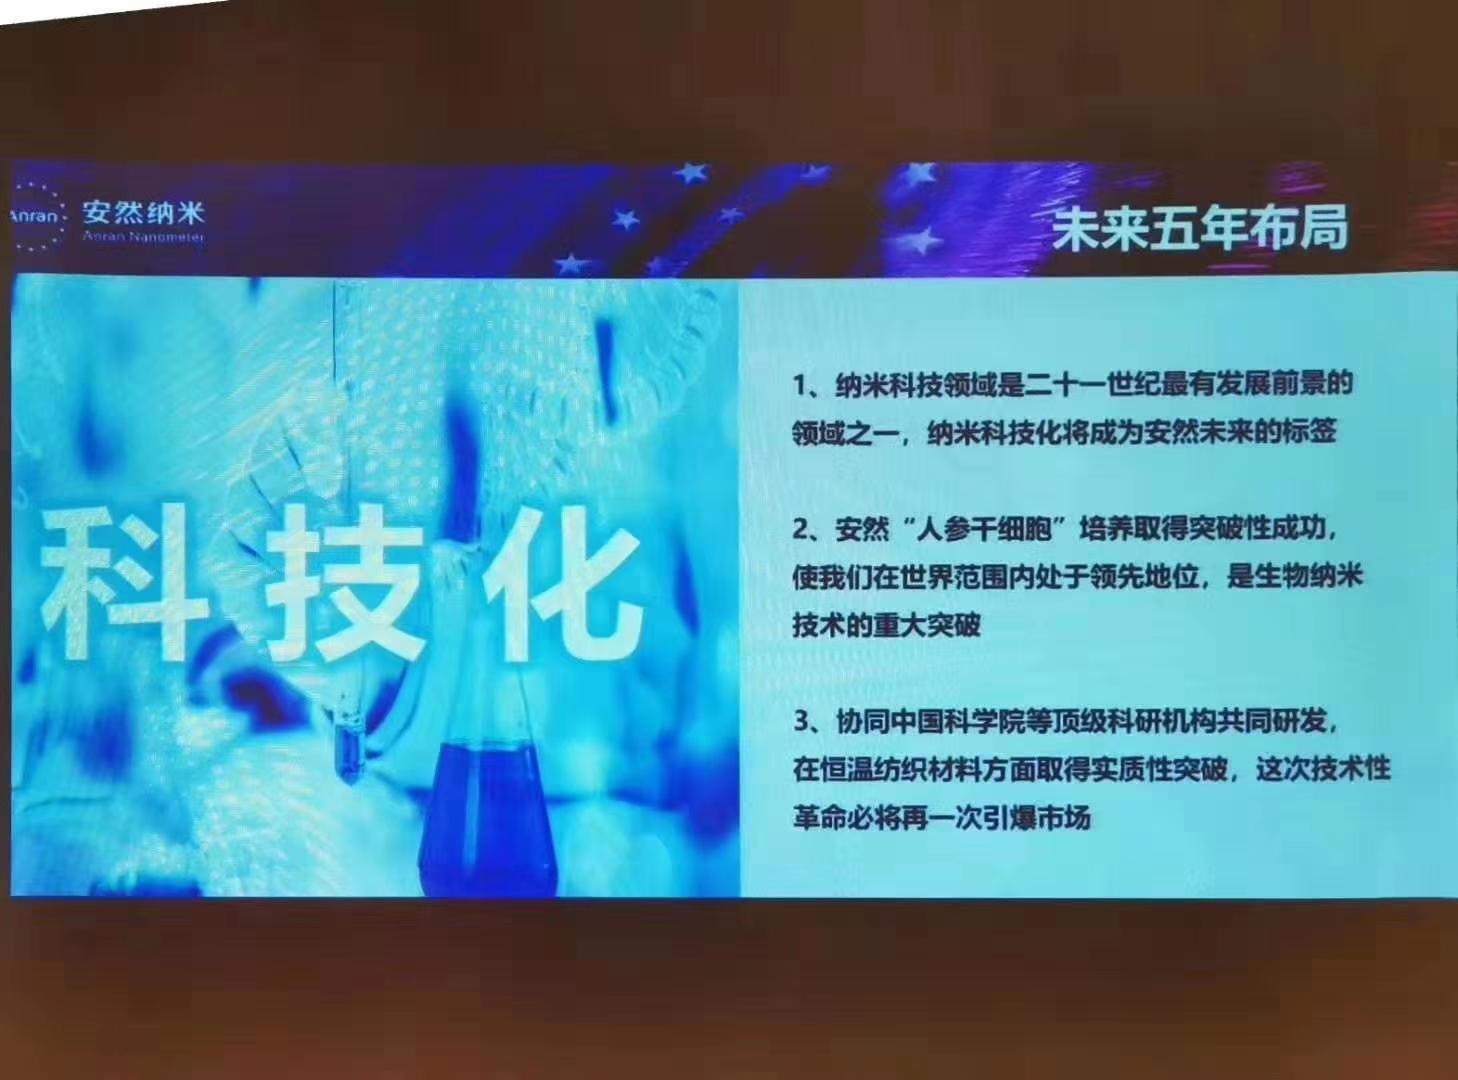 安然团队-2019南京年会